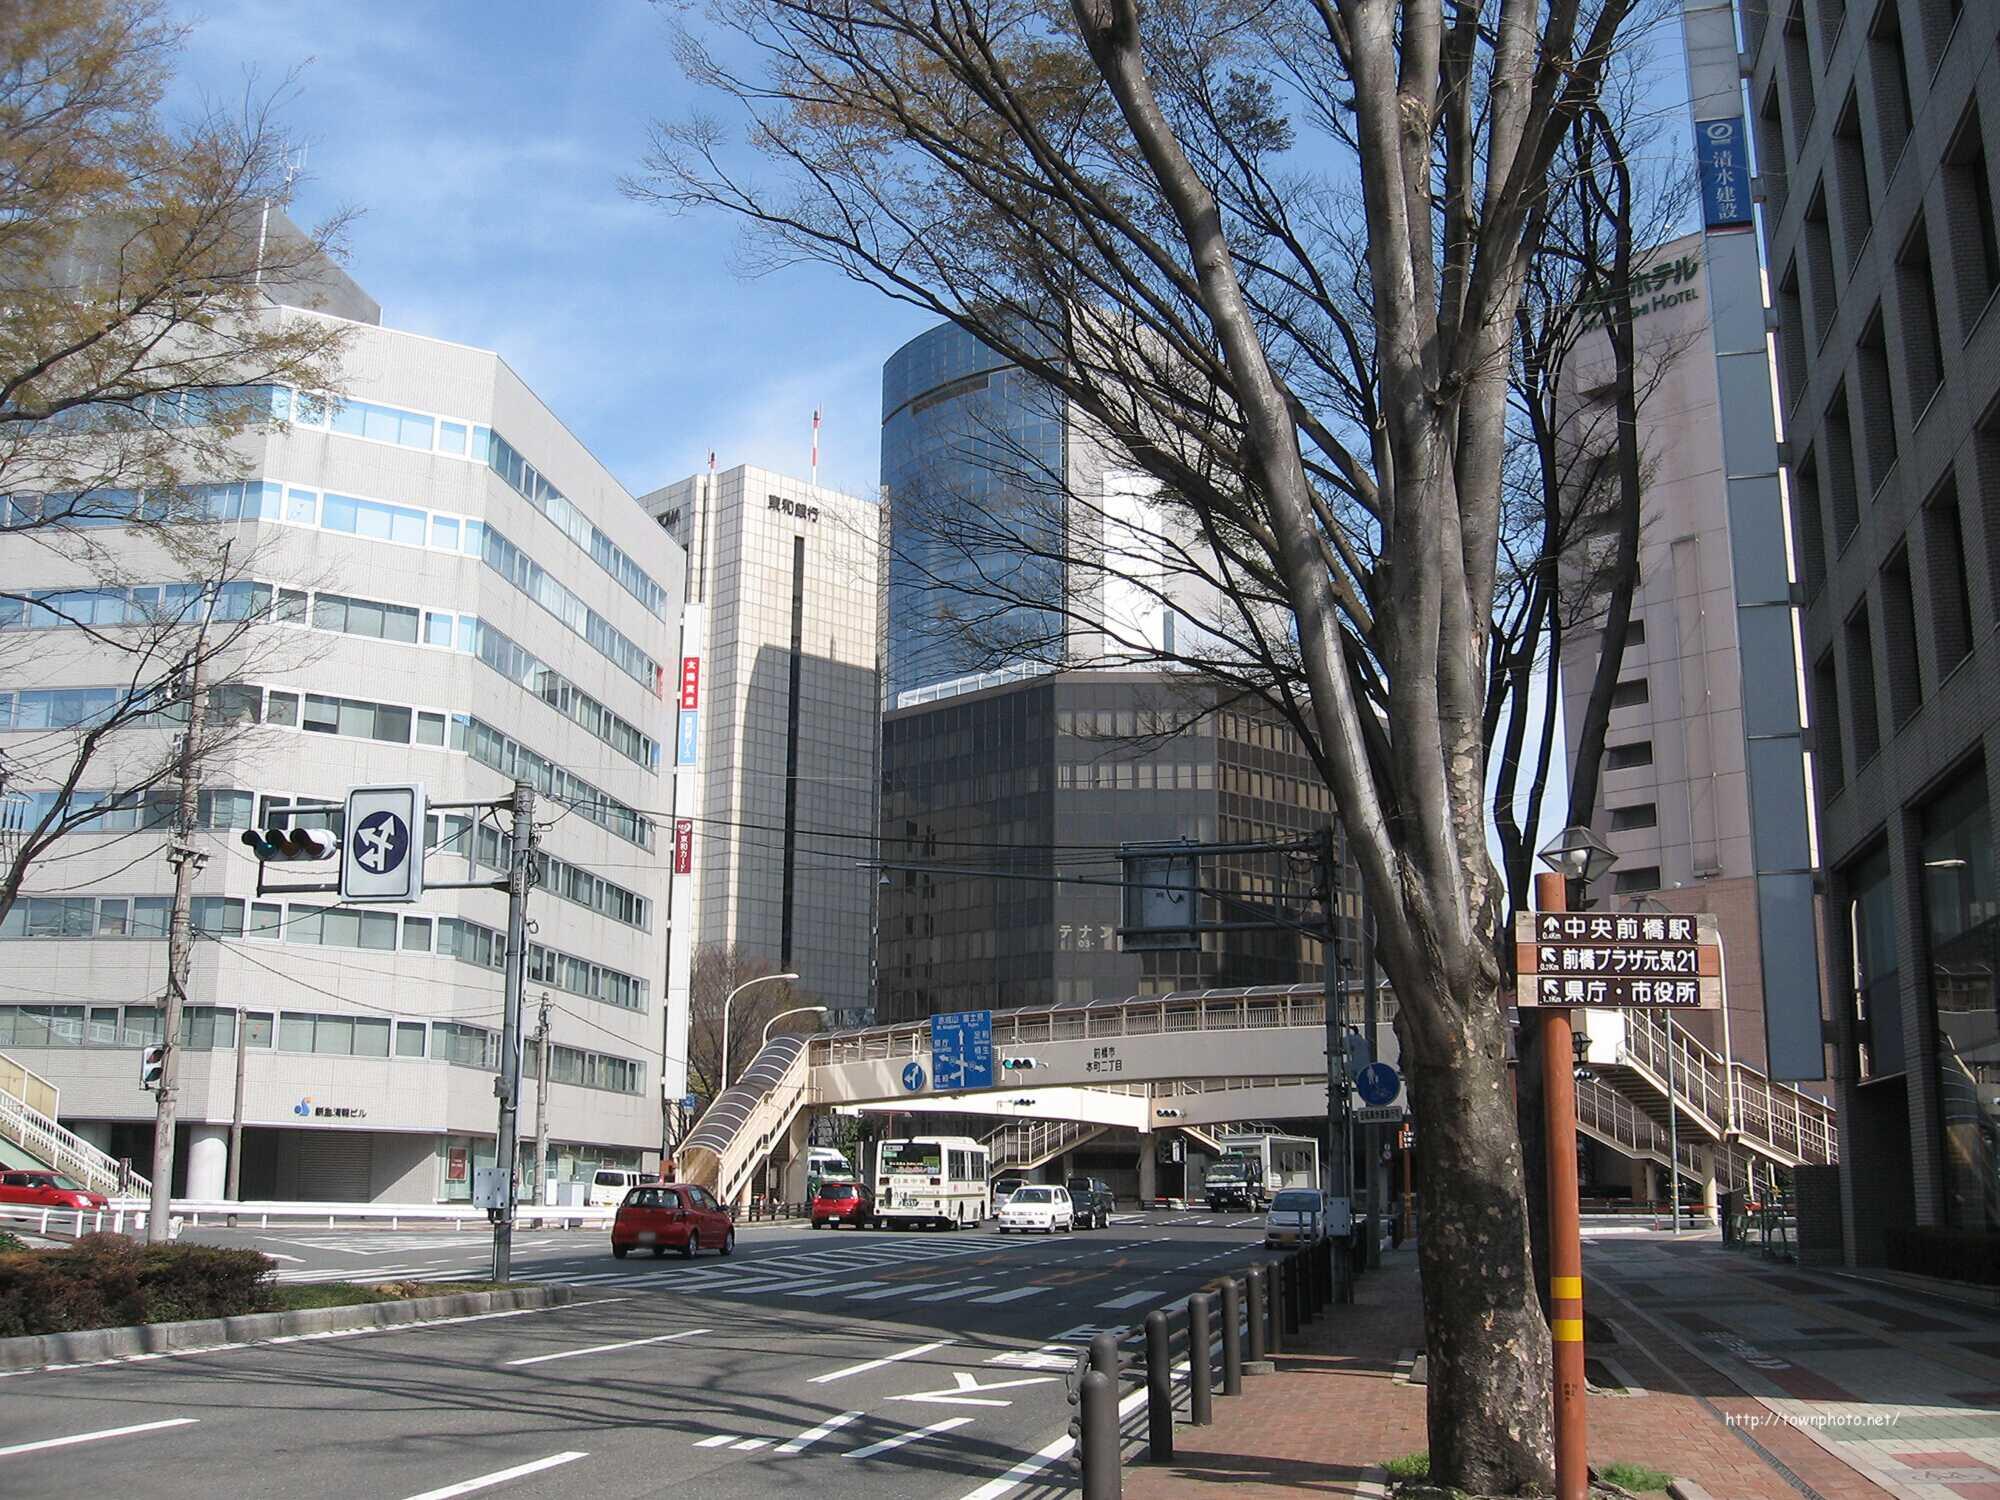 前橋市の繁華街や主要スポット 要約まとめ - townphoto.net